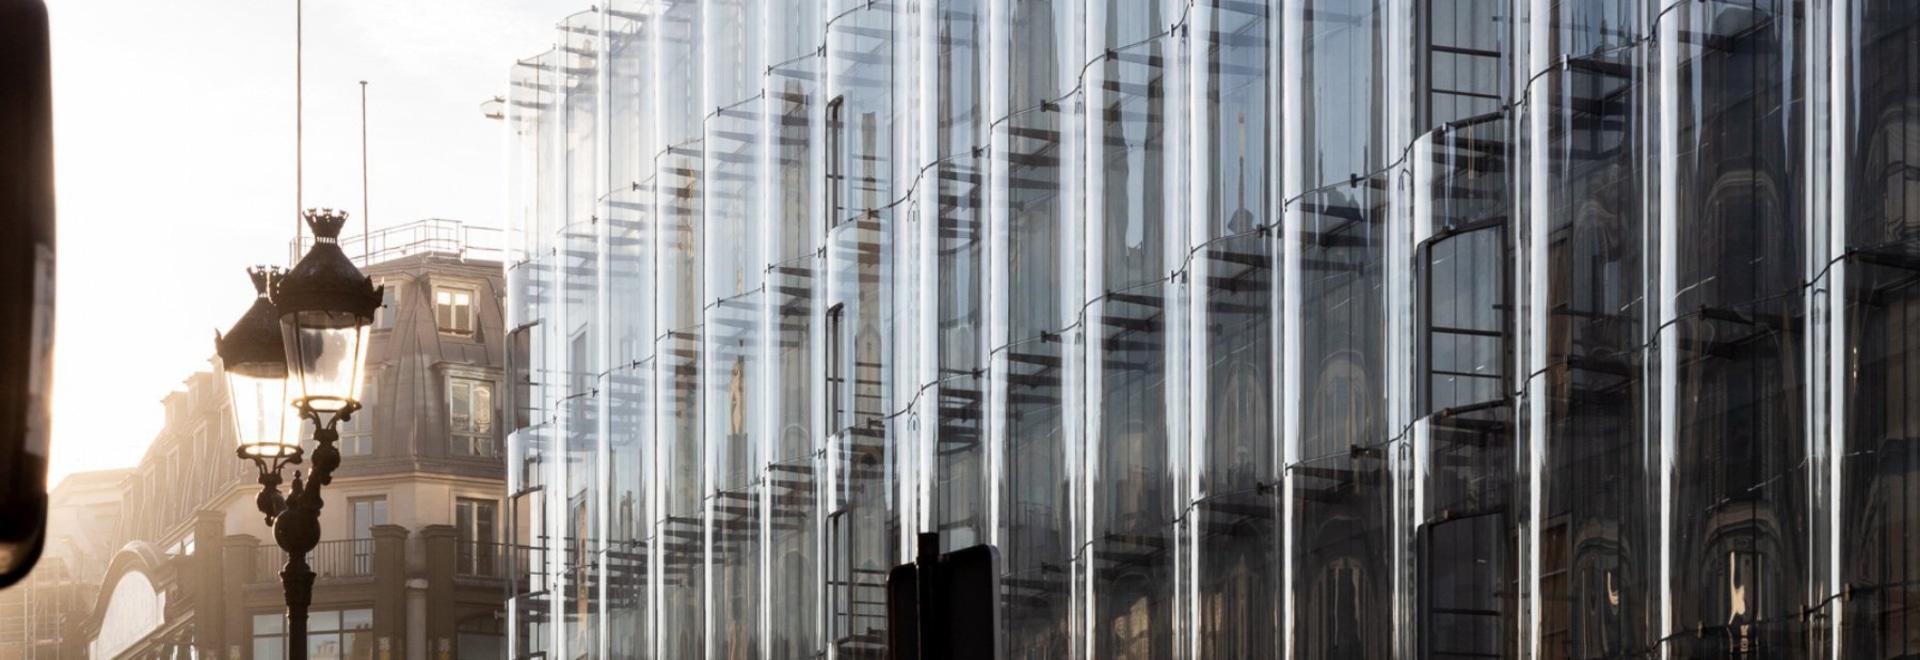 Restauración del samaritaine del la de los sujetalibros de cristal de ondulación de la fachada de SANAA' en París